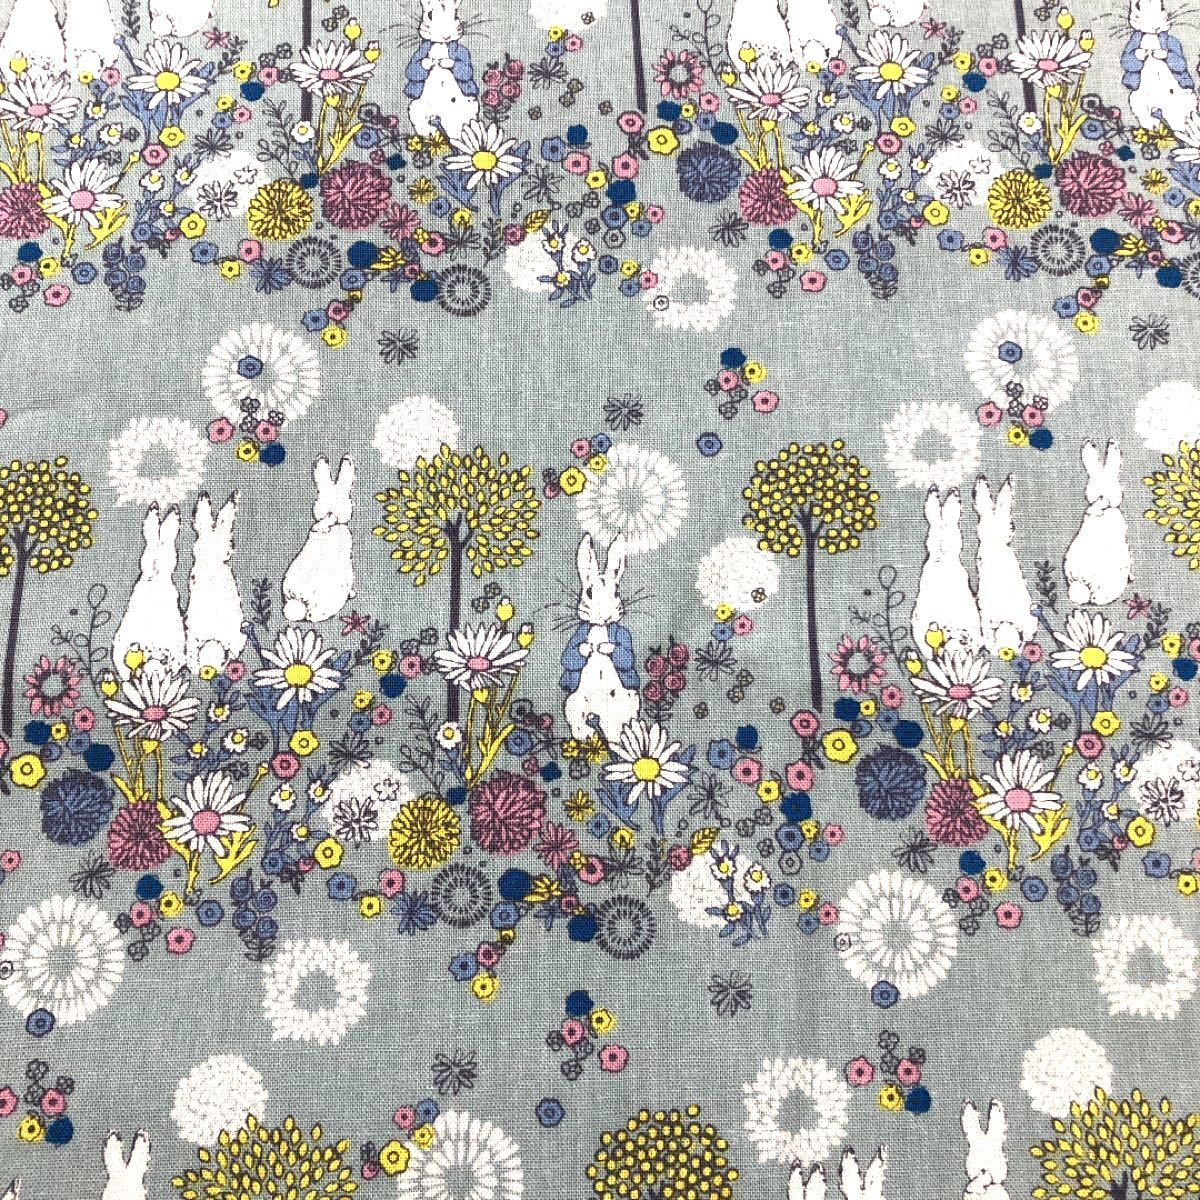 ハギレ  ピーターラビット (フラワーメドウ) ペールブルー 綿麻キャンバス 110 × 50cm  新柄 生地